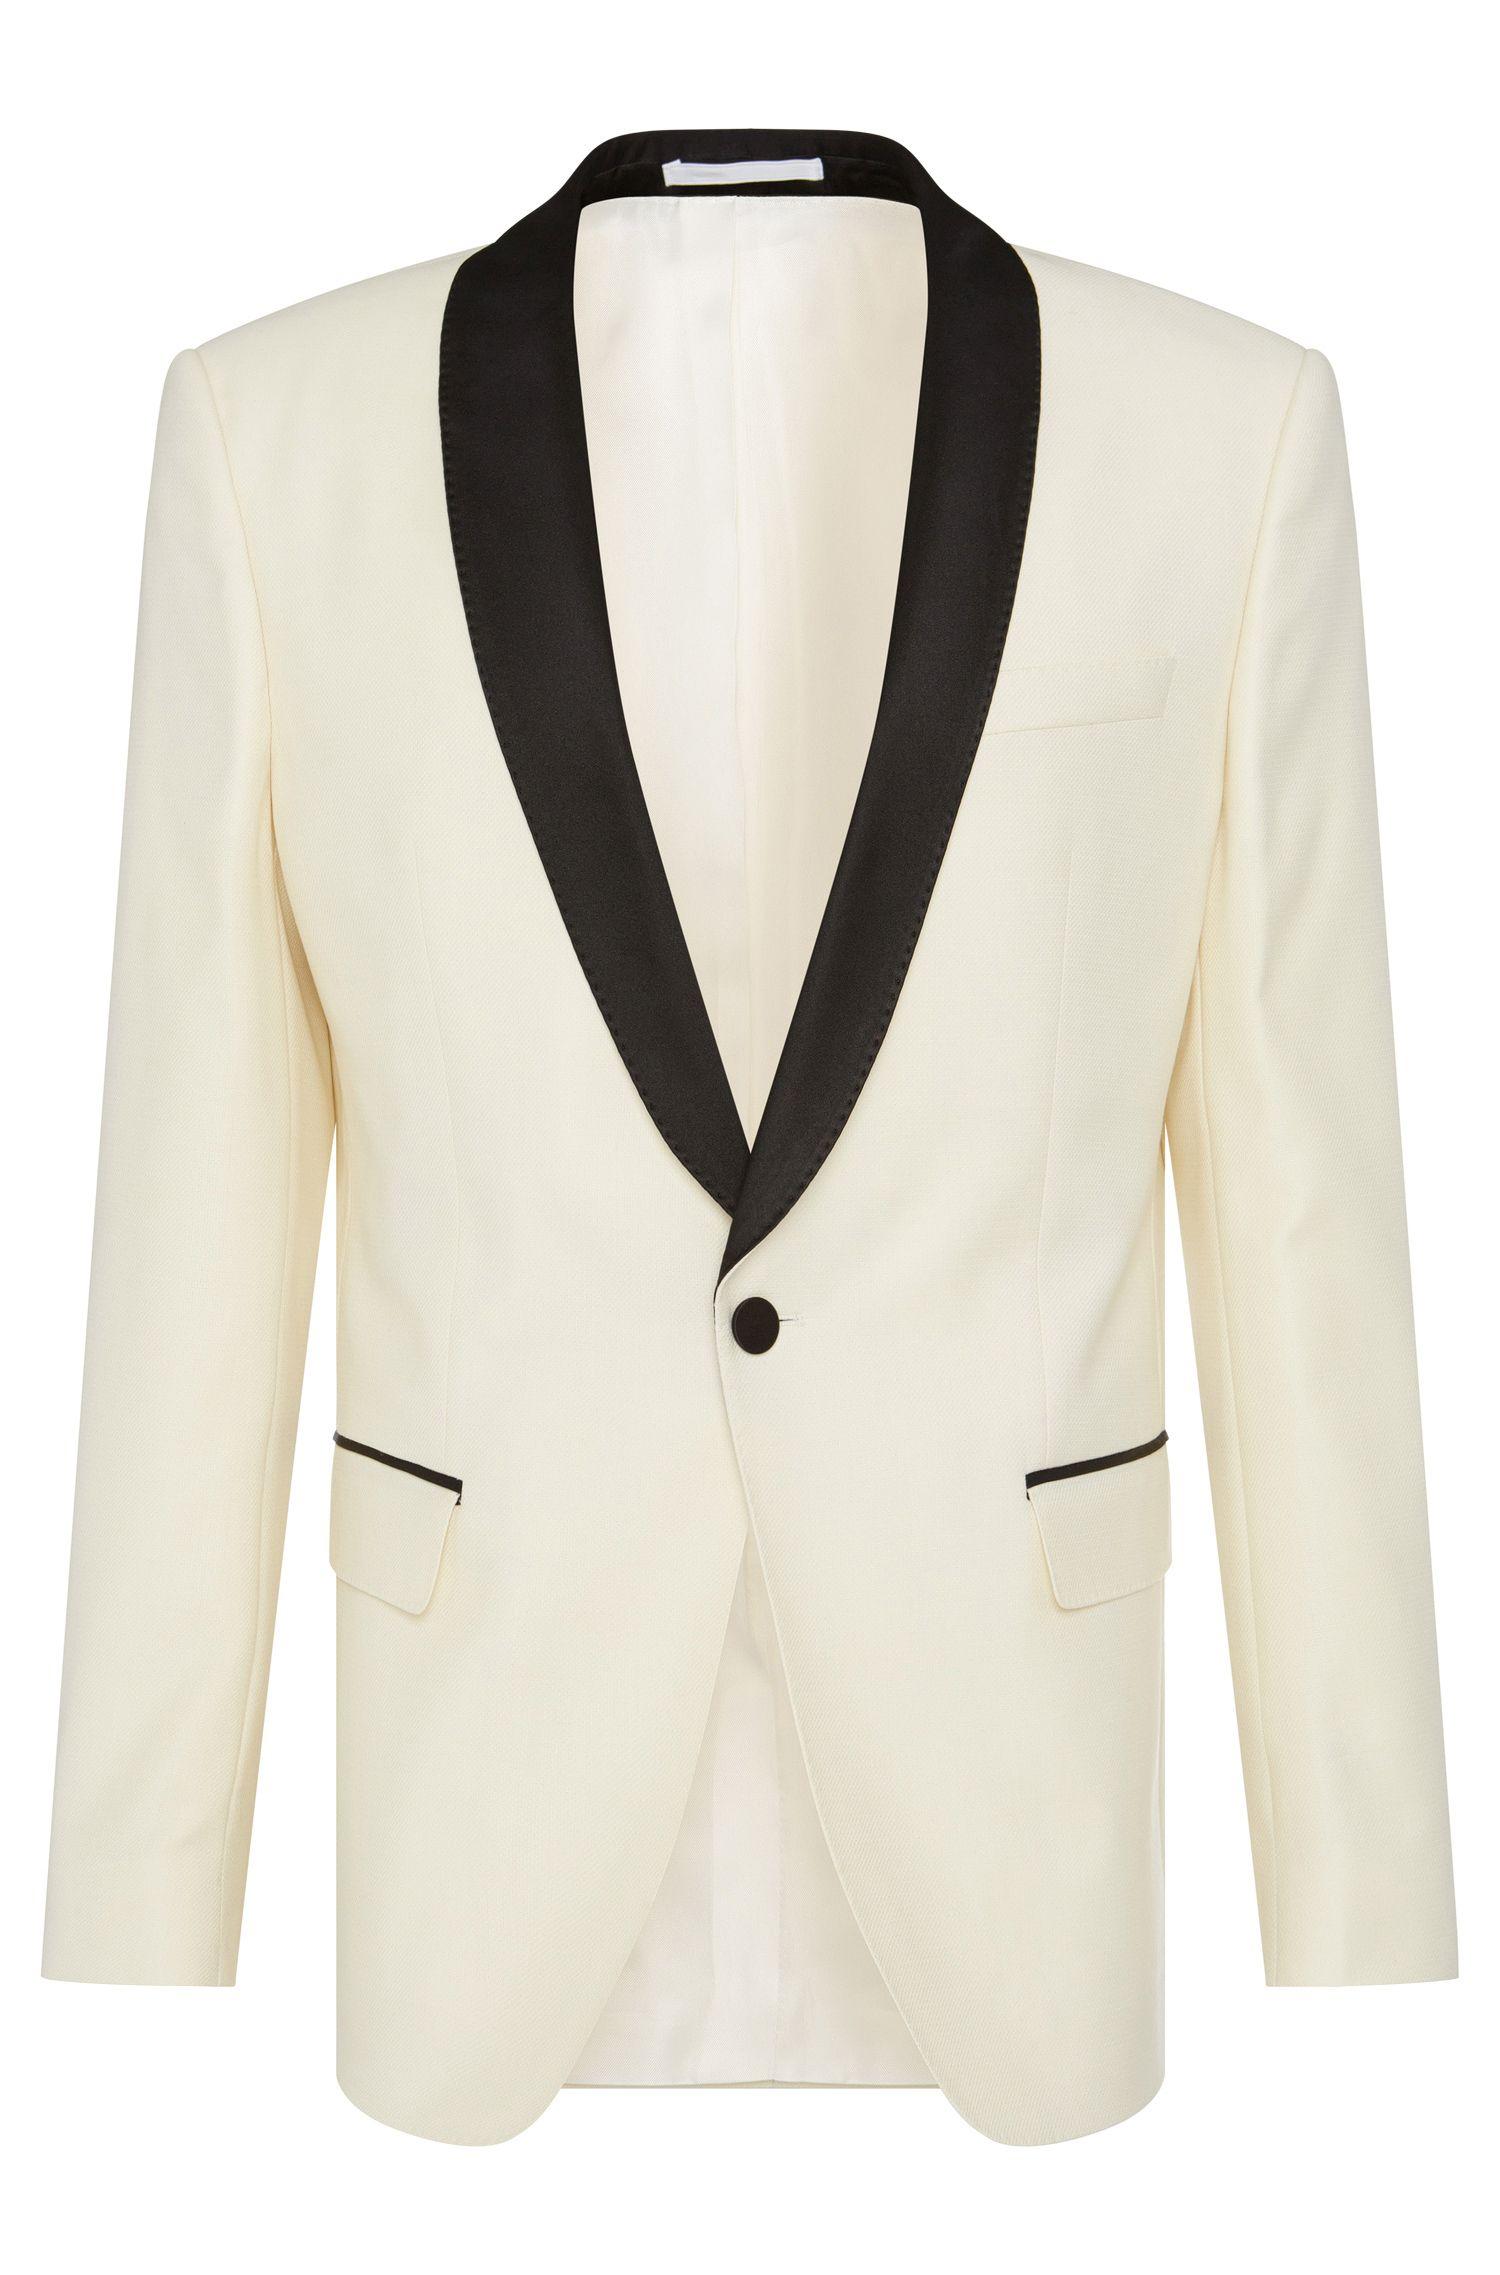 'Hockley' | Slim Fit, Italian Virgin Wool Textured Dinner Jacket